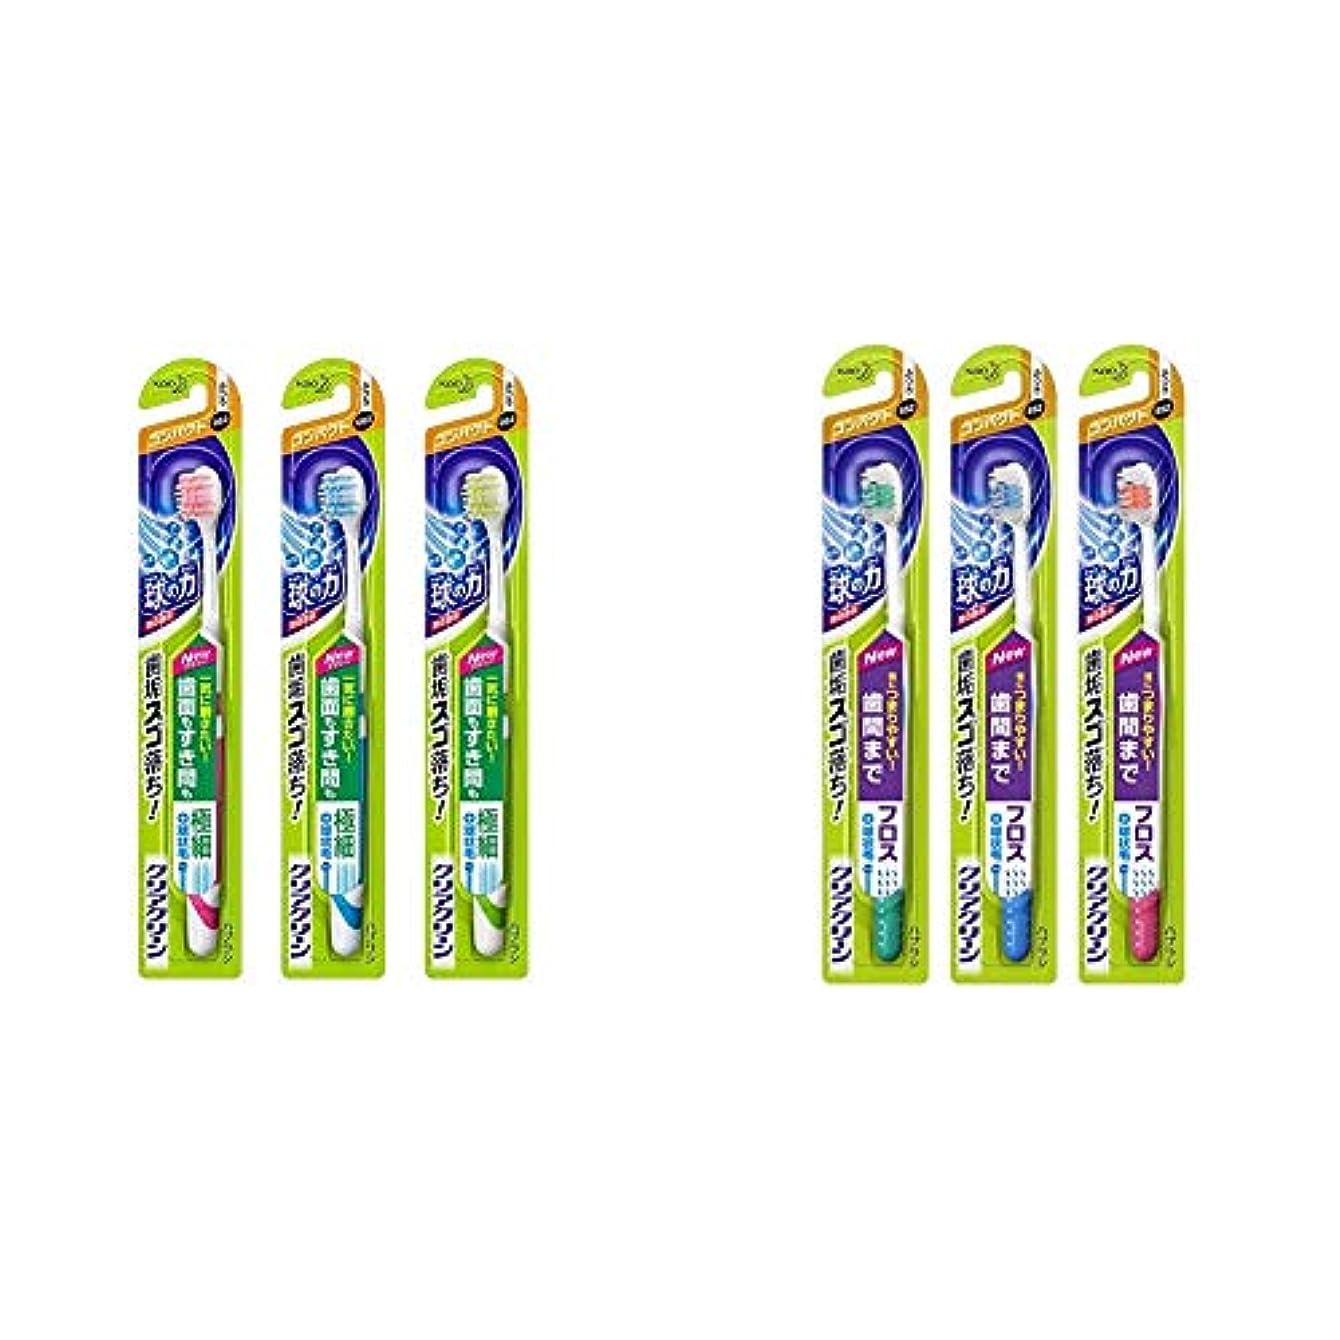 アブストラクト下位気まぐれな【まとめ買い】クリアクリーン 歯面&すき間プラス コンパクト ふつう 3本セット(※色は選べません) & 歯間プラス コンパクト ふつう 3本セット(※色は選べません)